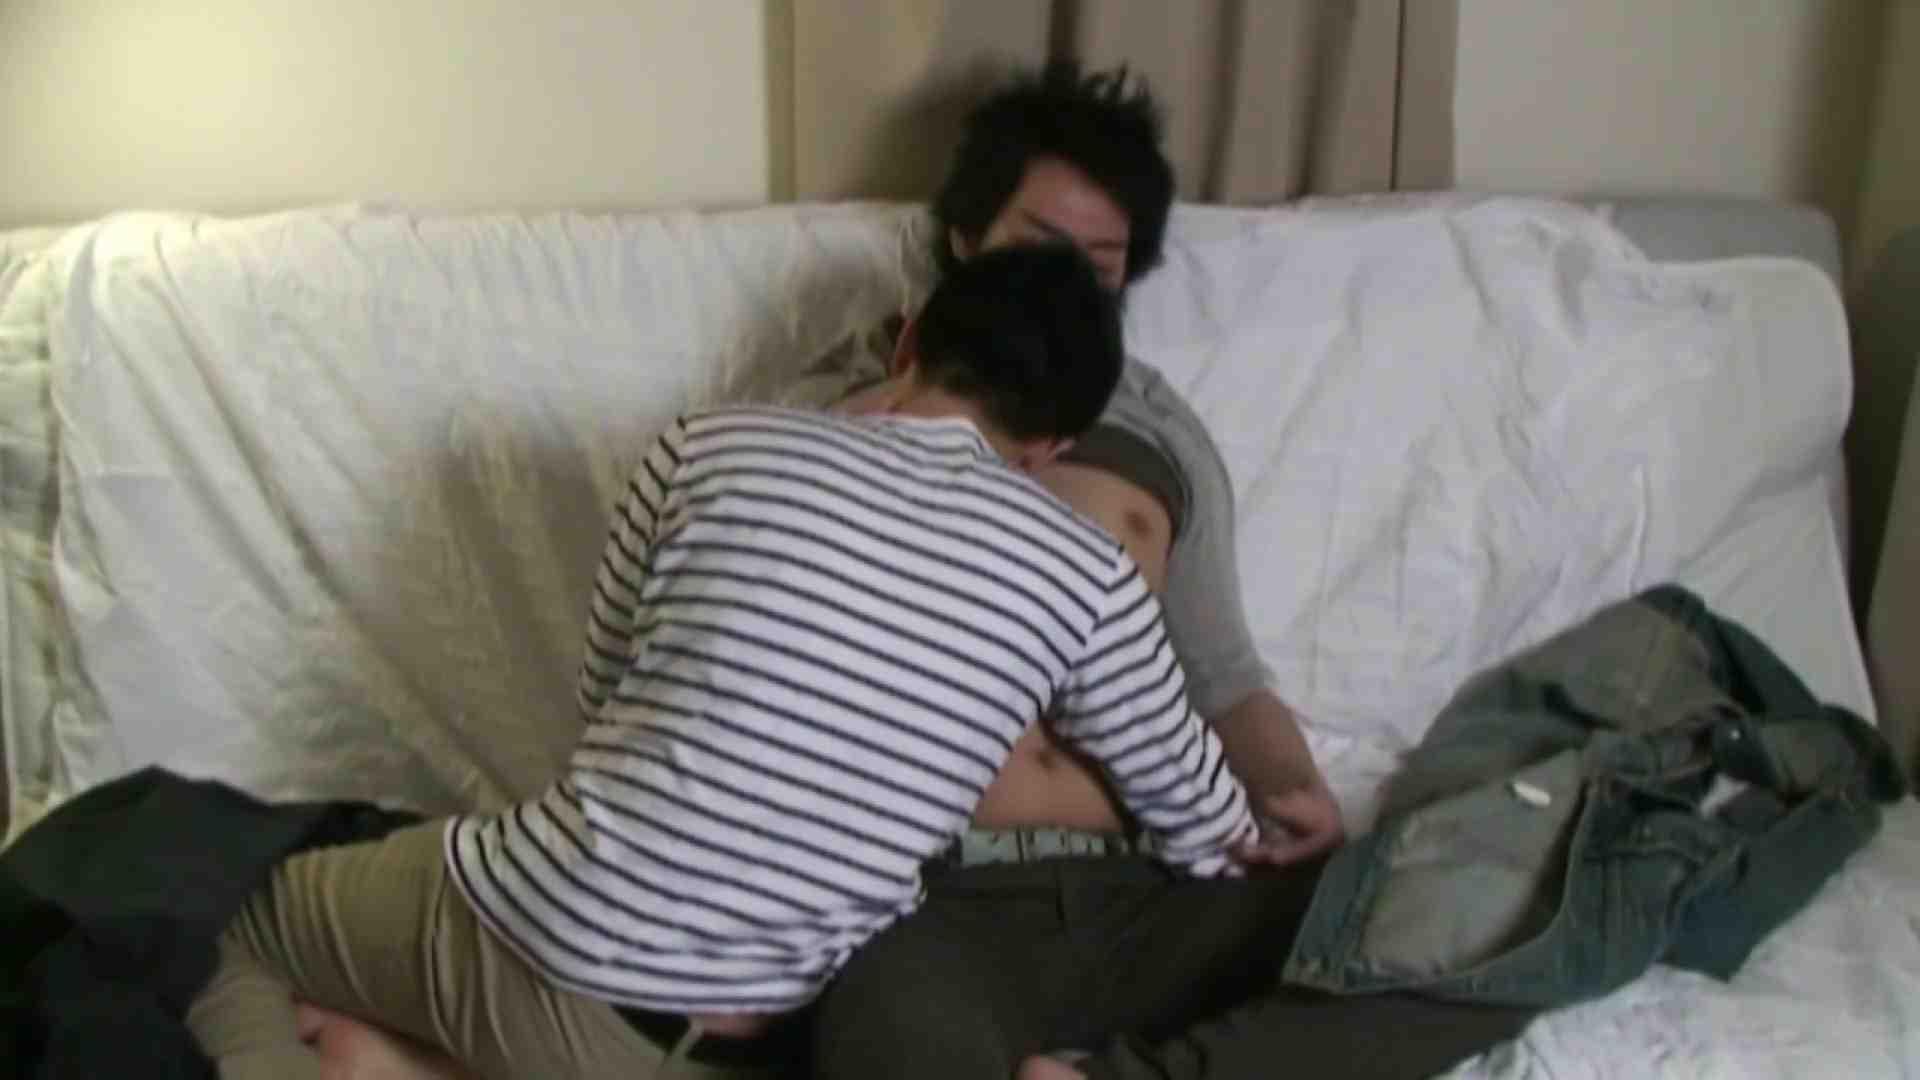 兄弟のように愛し合う Vol.01 オナニー | フェラ最高 アダルトビデオ画像キャプチャ 11連発 6